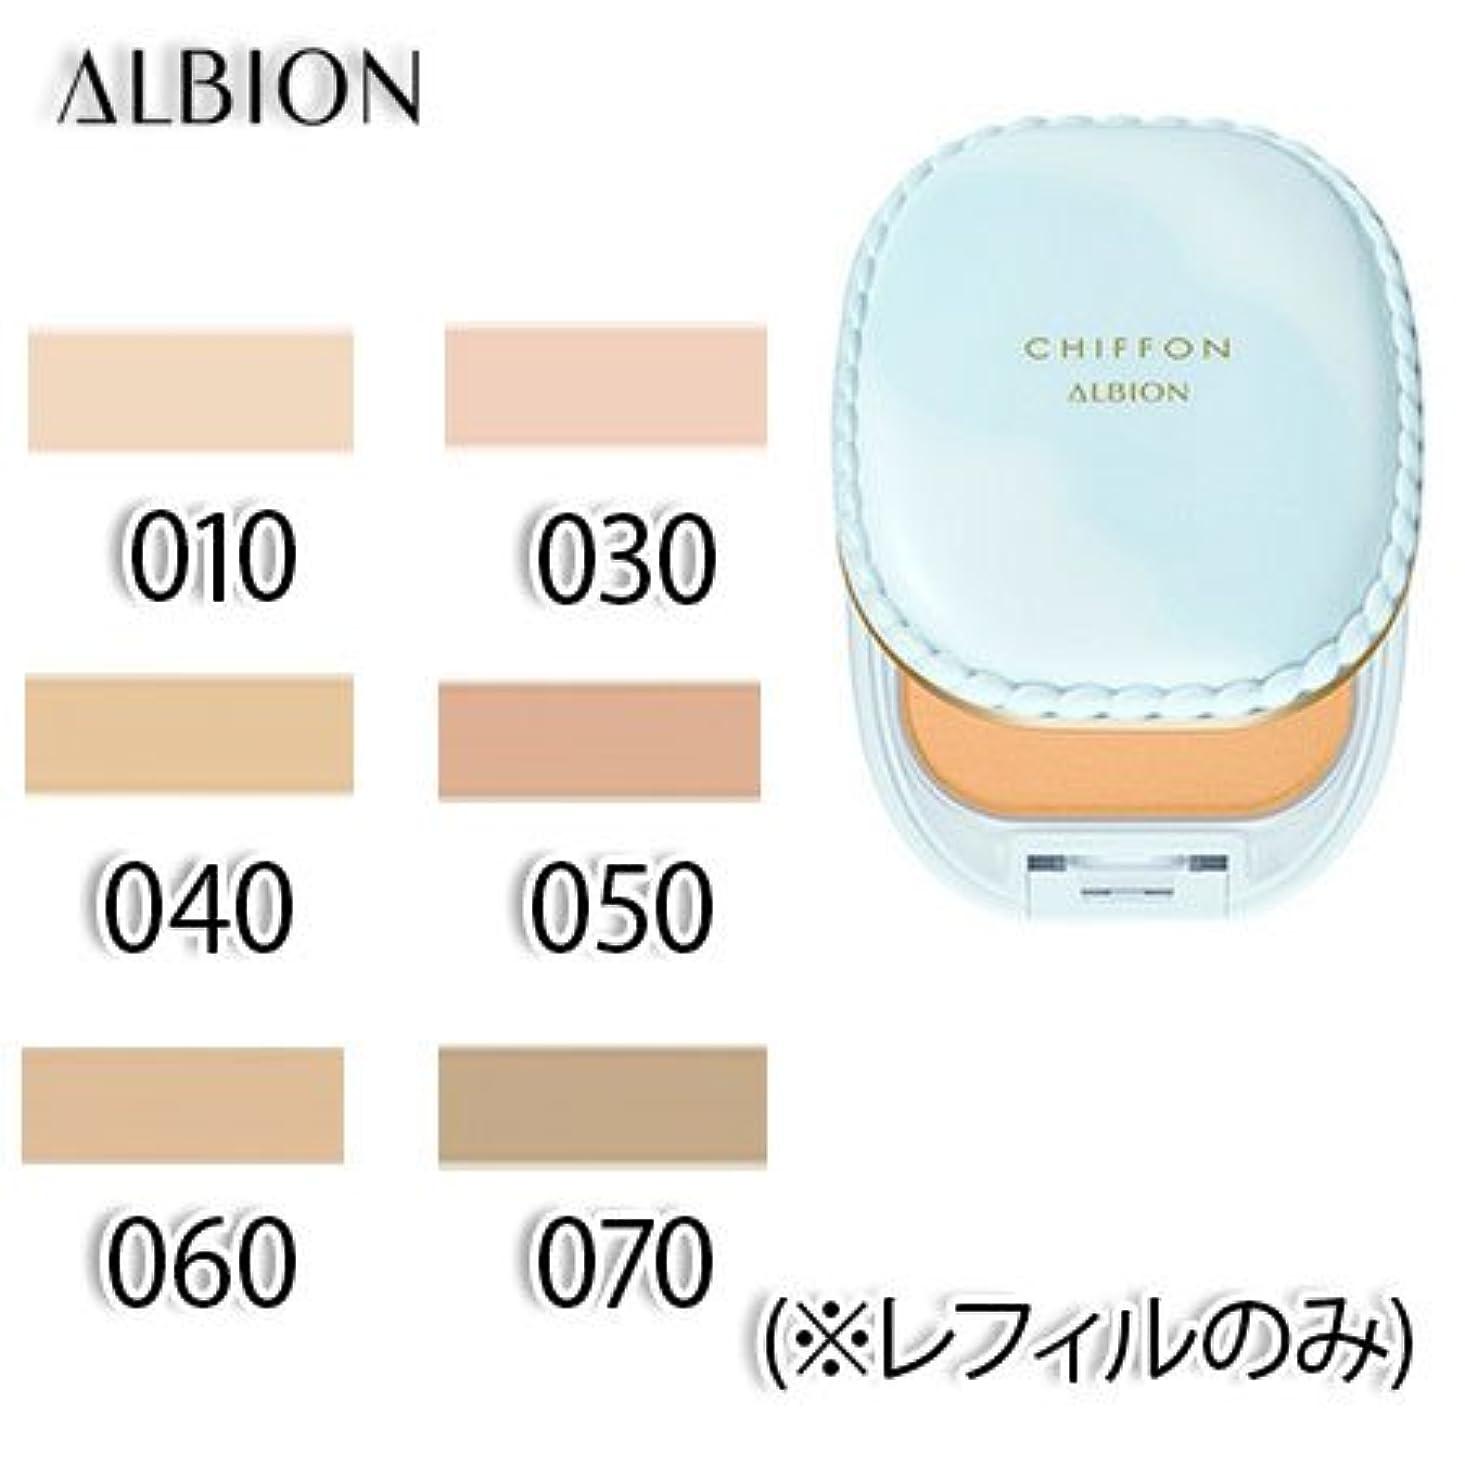 ウェイターバーストウェイドアルビオン スノー ホワイト シフォン 全6色 SPF25?PA++ 10g (レフィルのみ) -ALBION- 030